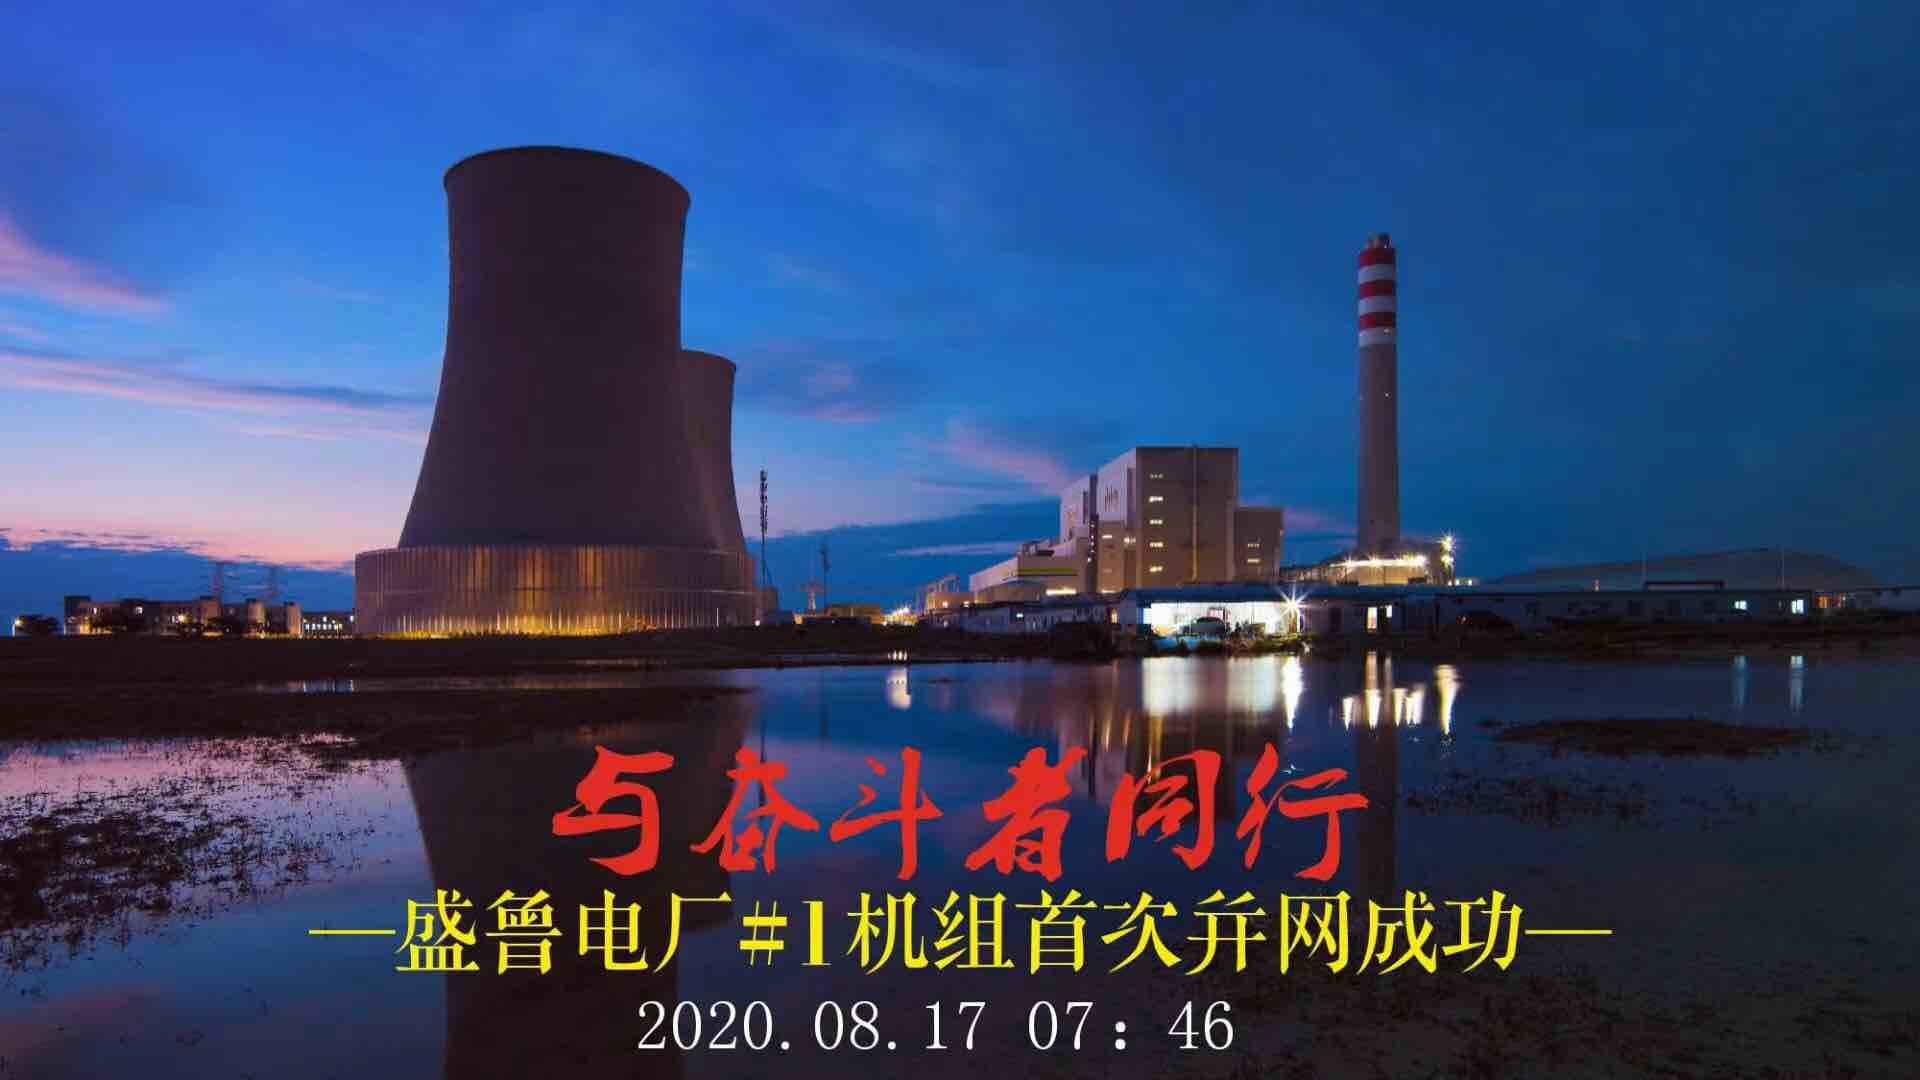 """""""蒙电入鲁""""直送临沂!山东能源盛鲁电厂1号机组首次并网一次成功 每年输电110亿度"""